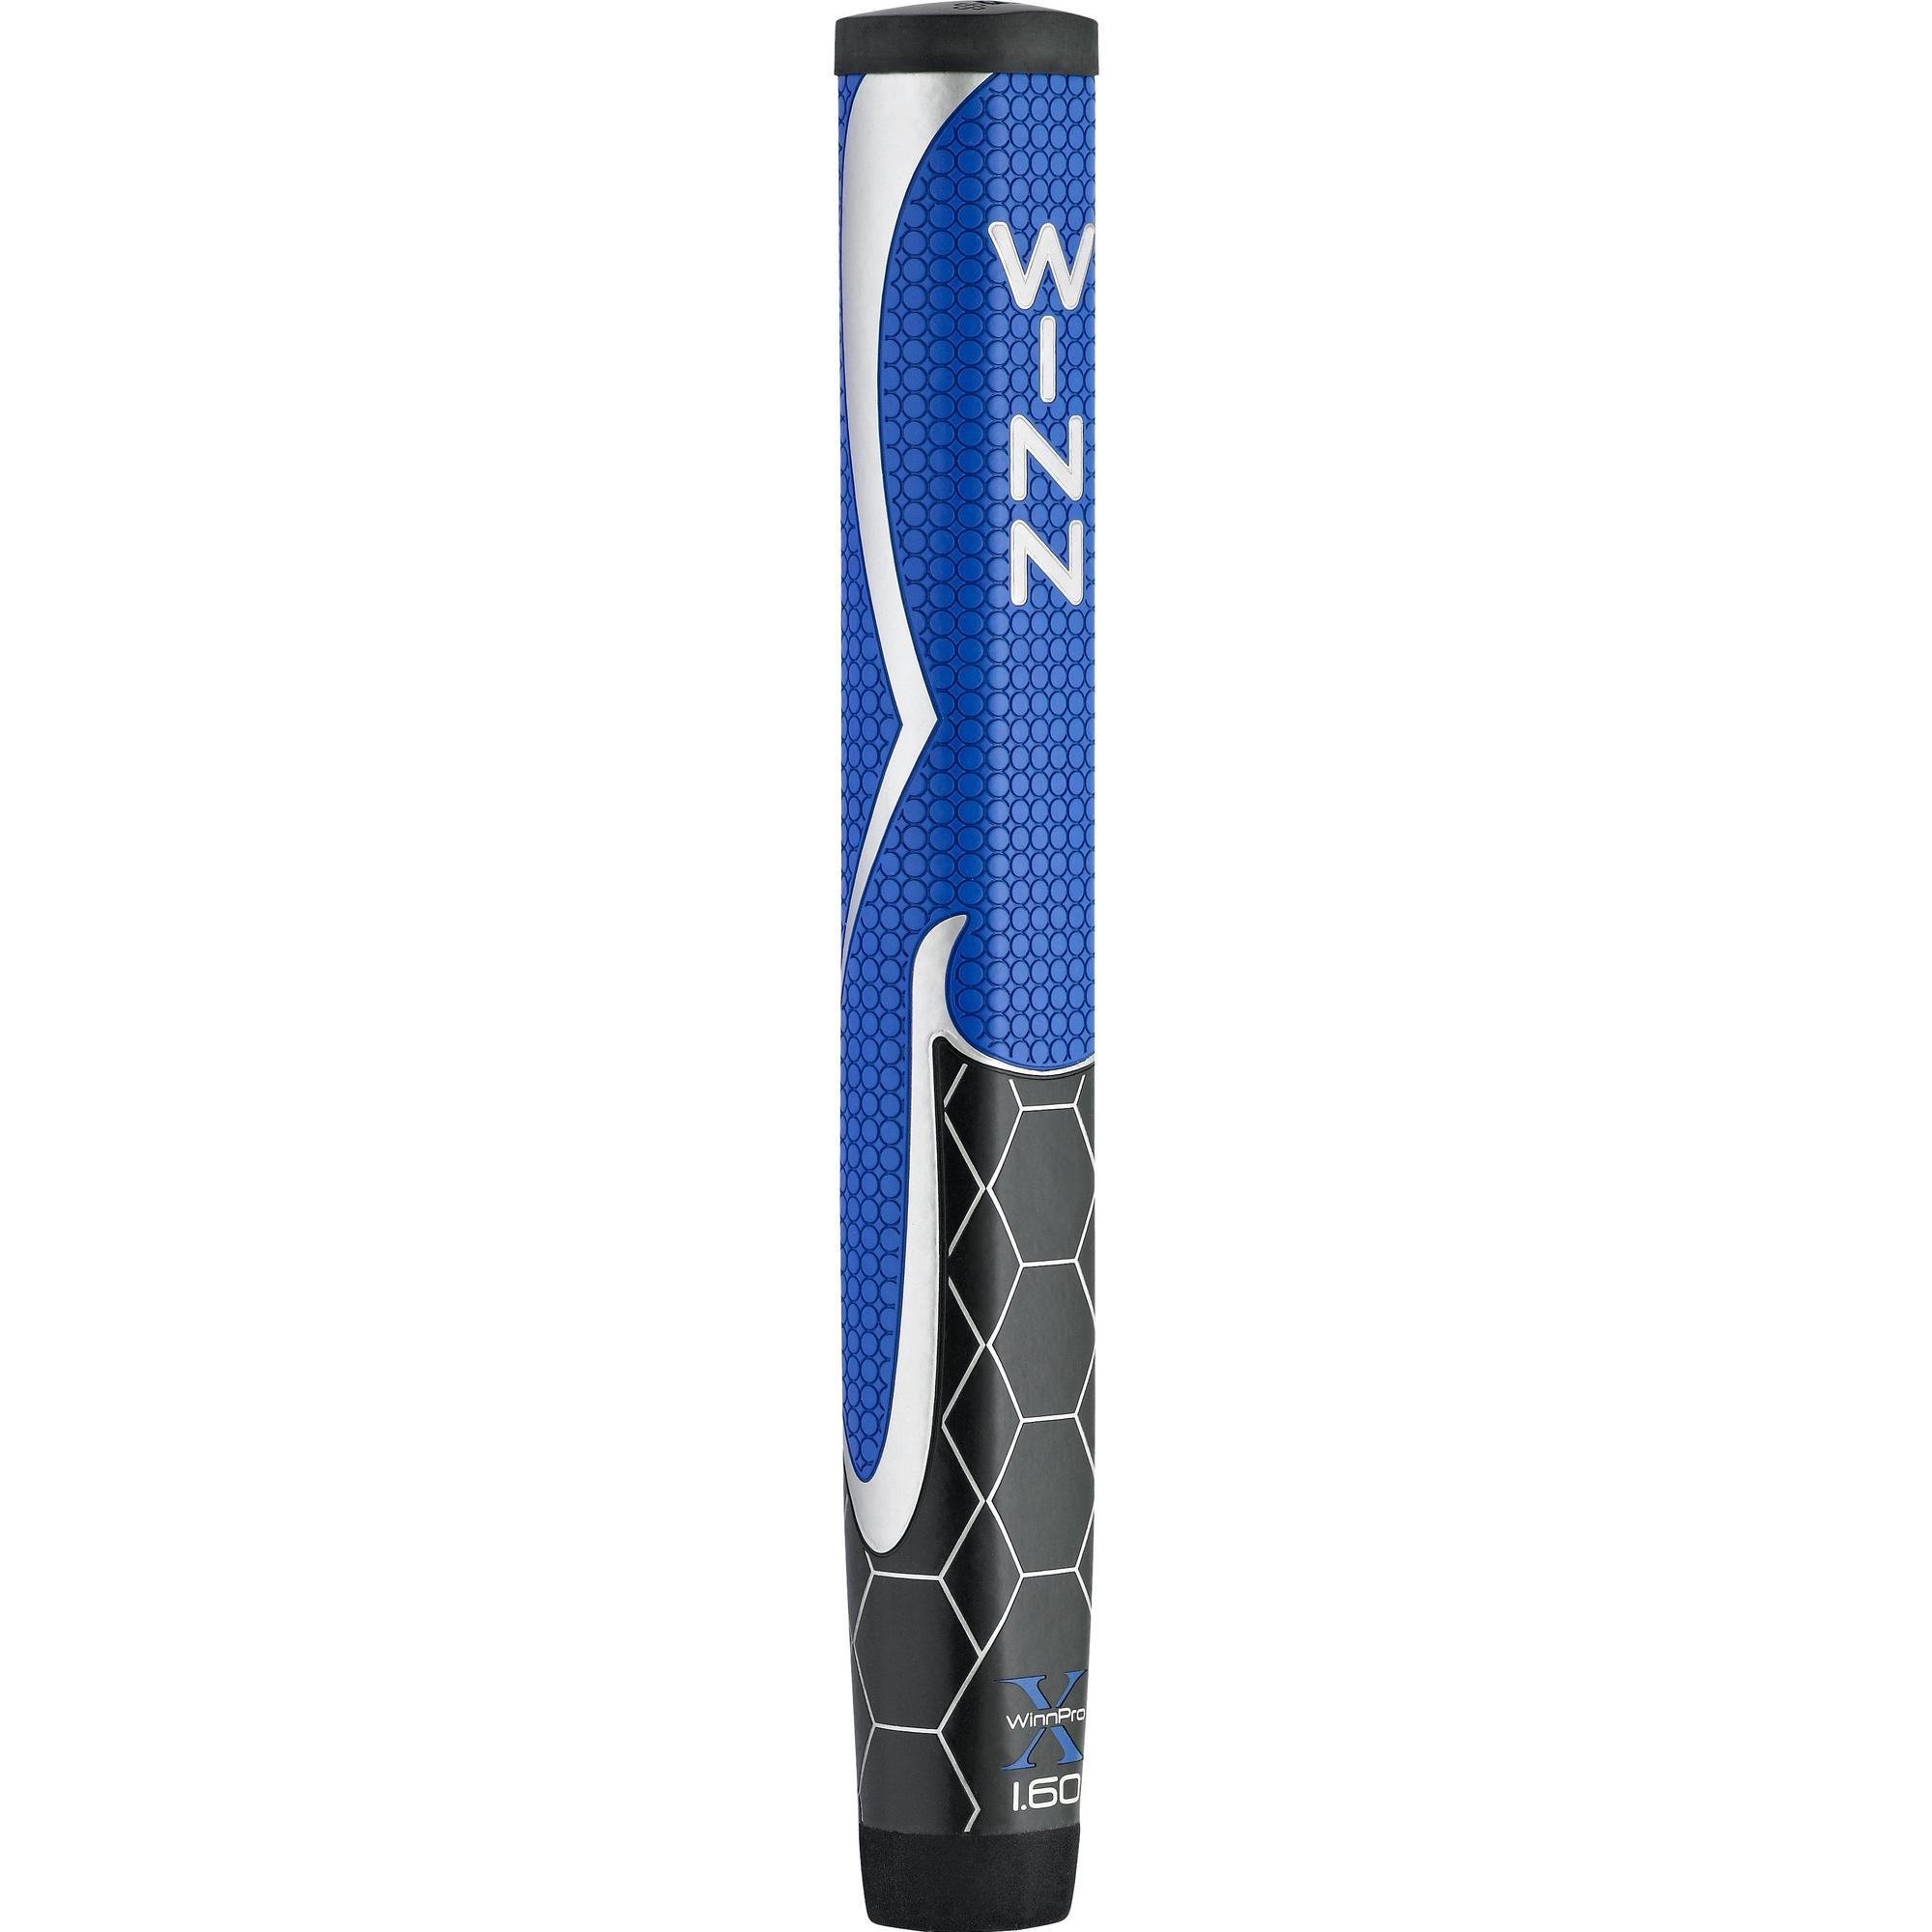 Poignée WinnPro X 1.60 pour fer droit - Bleu/Noir